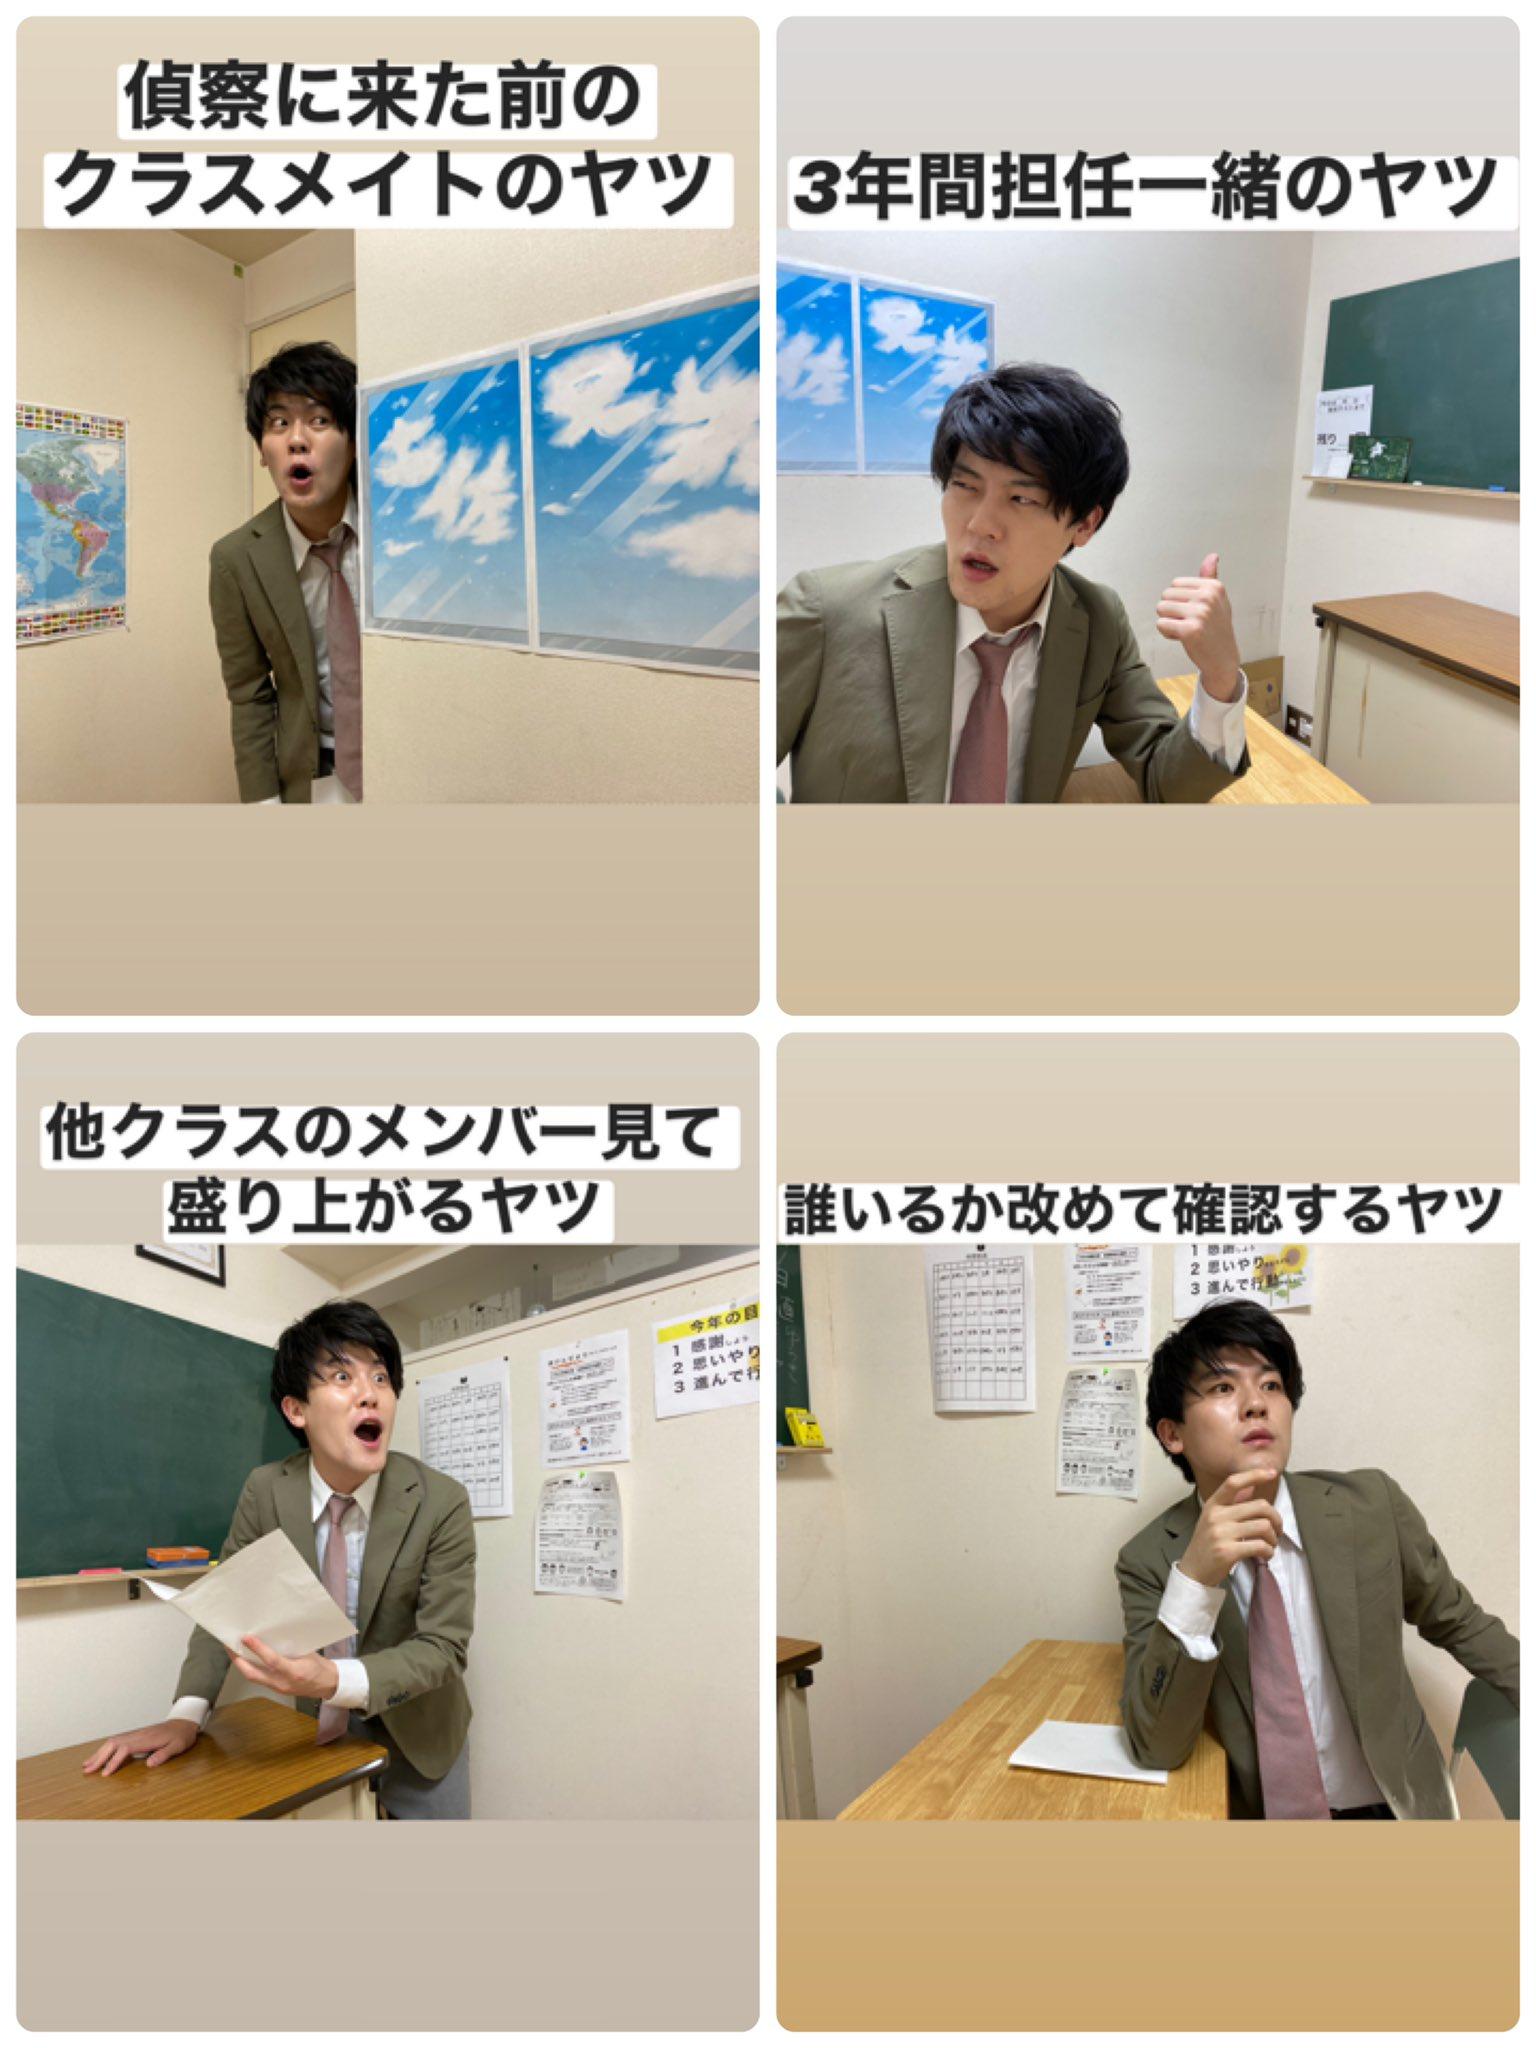 〜クラス替えの日に出現する人たち〜